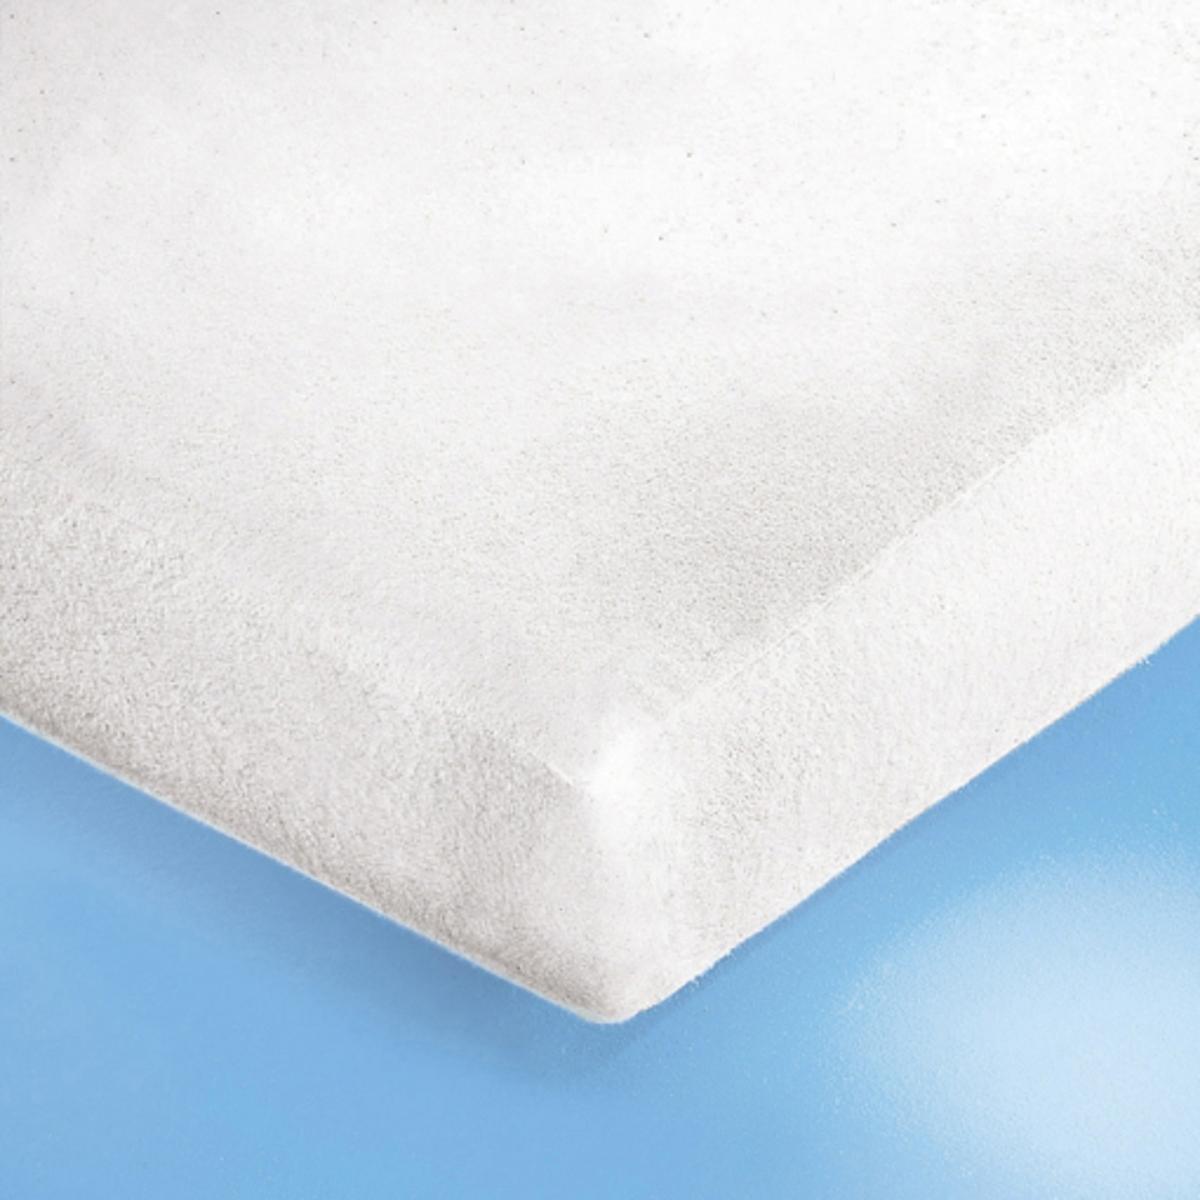 Чехол защитный на матрас из мольтона 400 г/м?, с пропиткой из непромокаемого ПВХНадежная защита для Ваших постельных принадлежностей и уникальный комфорт для Вас: этот чехол поглощает потоотделения, выделение которых неизбежно во время сна, и защищает подушки и одеяла от появления разводов, скапливания бактерий и клещей.Чехол из мягкого, прочного и очень комфортного мольтона (с начесом с двух сторон) с пропиткой из непромокаемого ПВХ и обработкой Sanitized без фталатов.Стирка при 95°С для идеальной гигиены, обработка от усадки ткани SANFOR. Изделие с биоцидной обработкой.4 эластичных угла (высота. 27 см).Качество VALEUR S?RE.<br><br>Цвет: белый